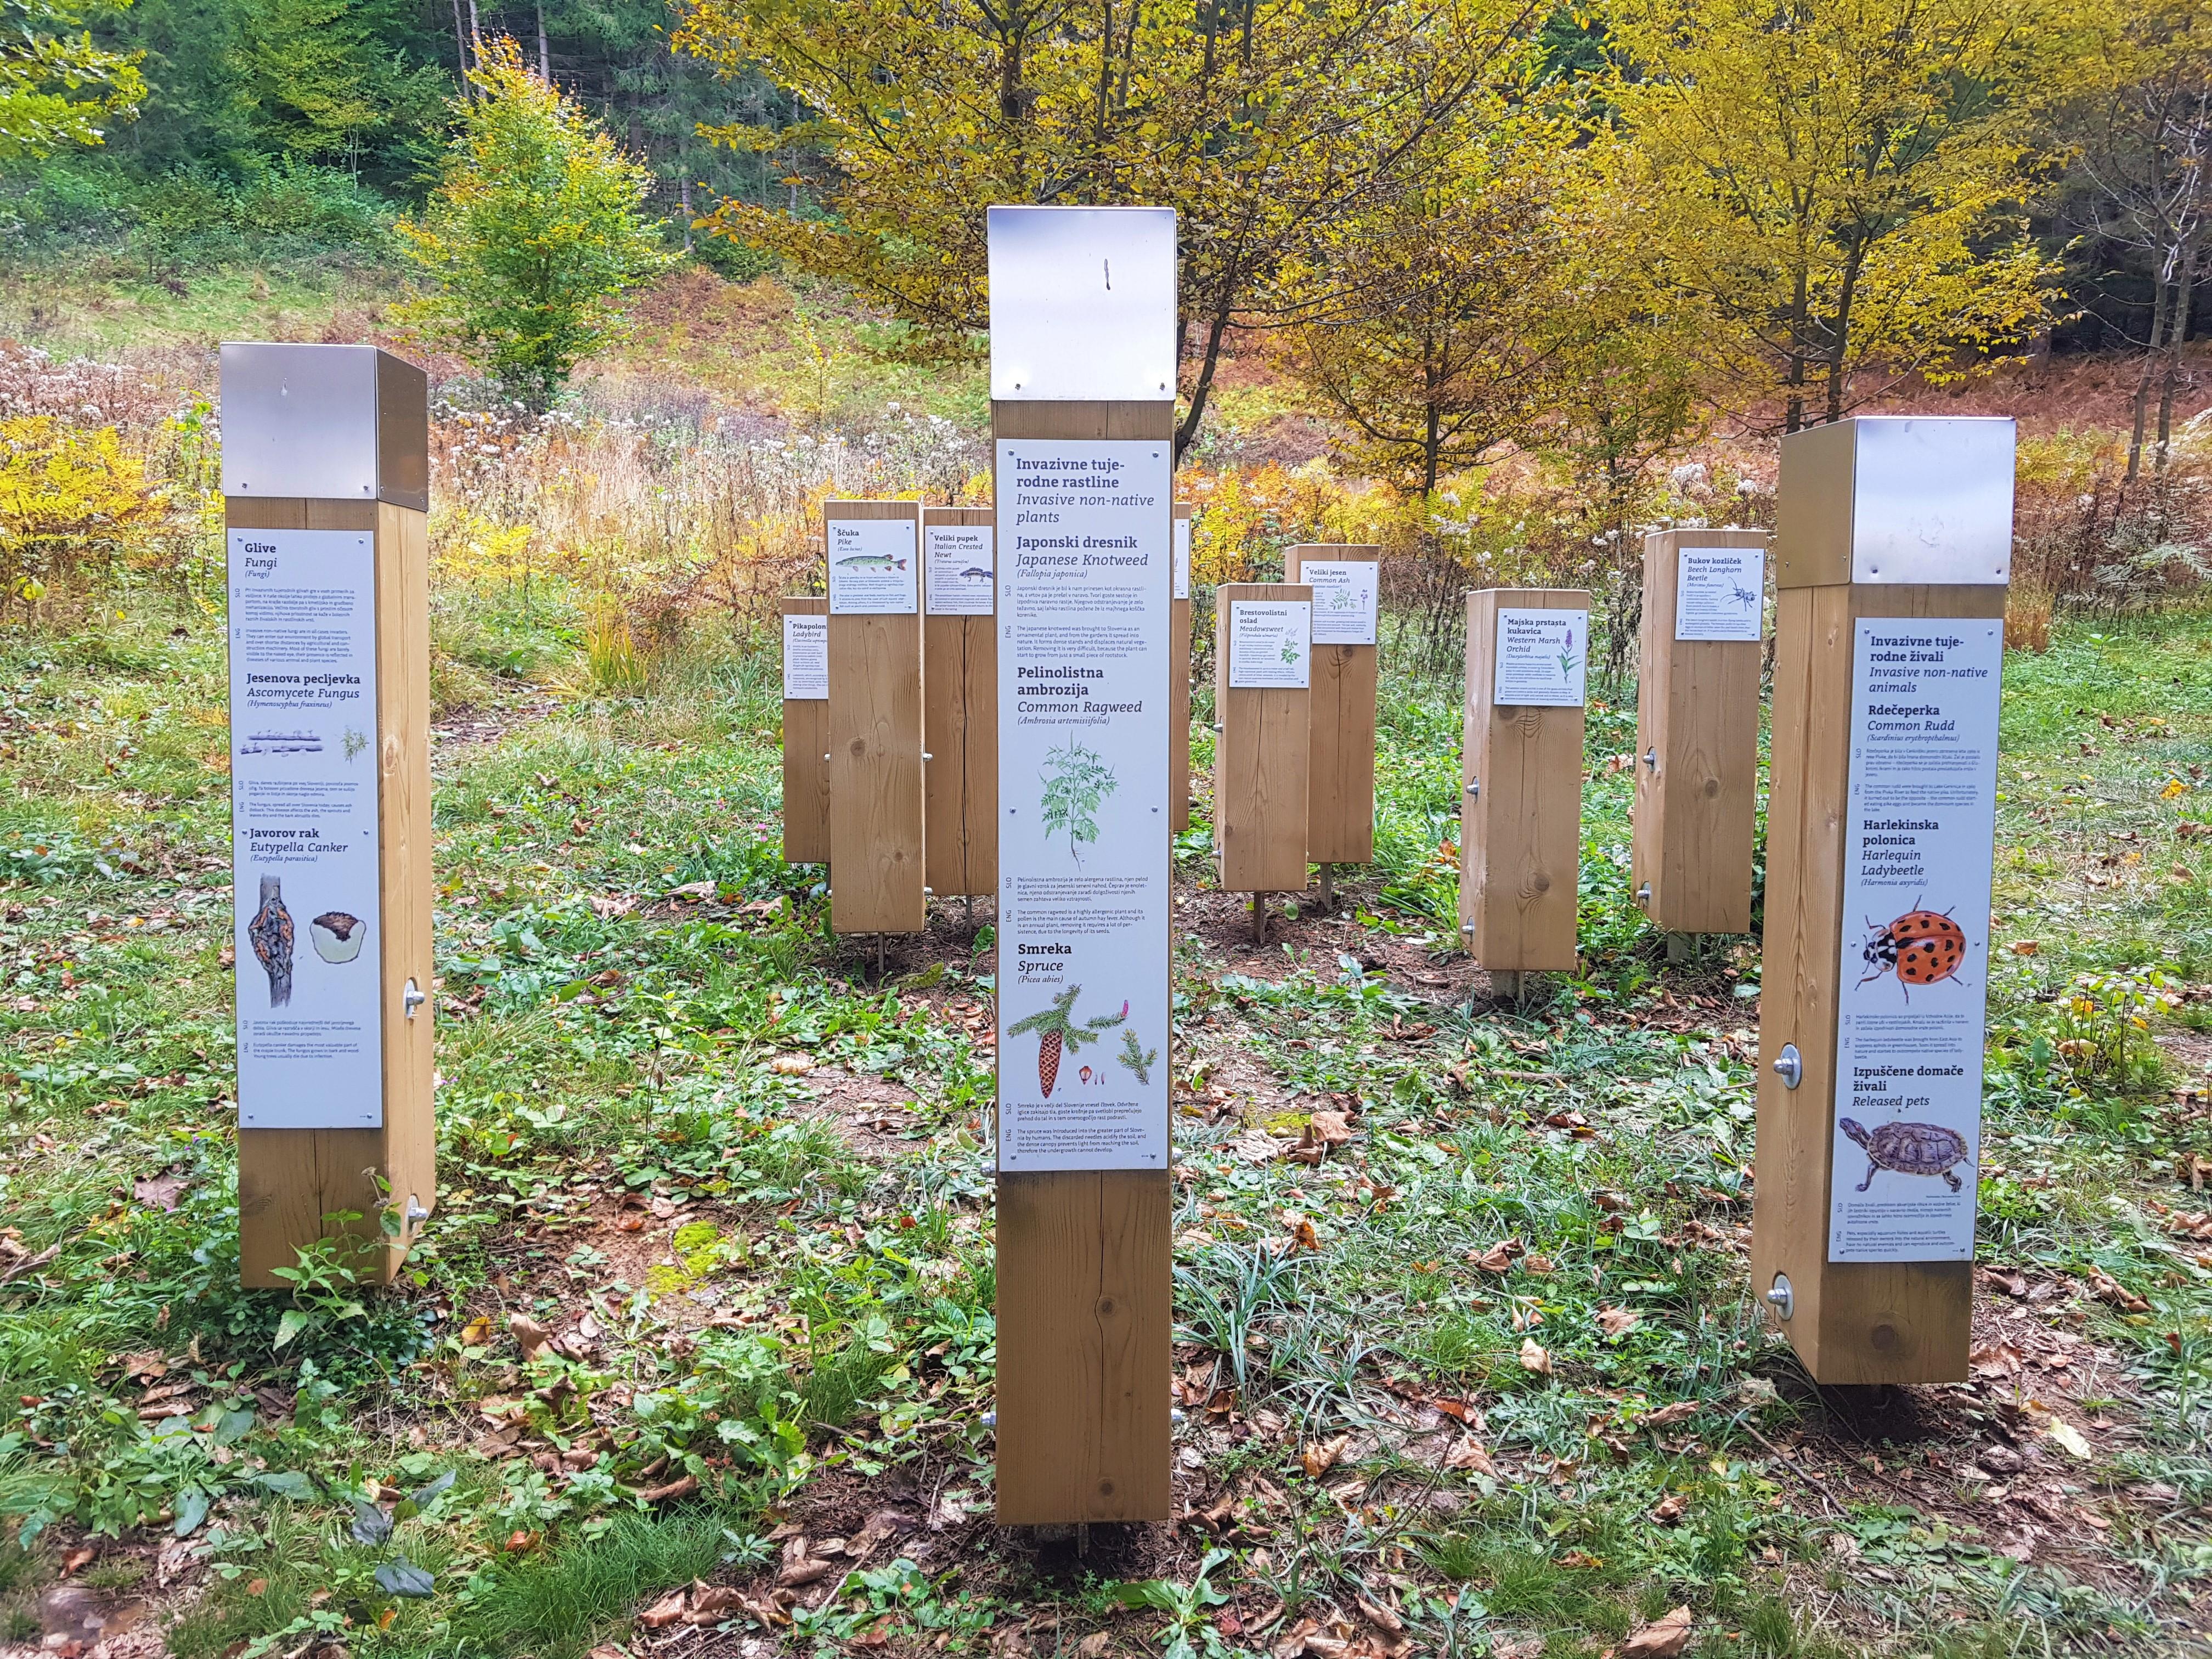 Stebri, ki predstavljajo domače in invazivne - tujerodne vrste v Notranjskem parku. Pocinov laz, Tematska pot Drvošec. Foto Eva Kobe